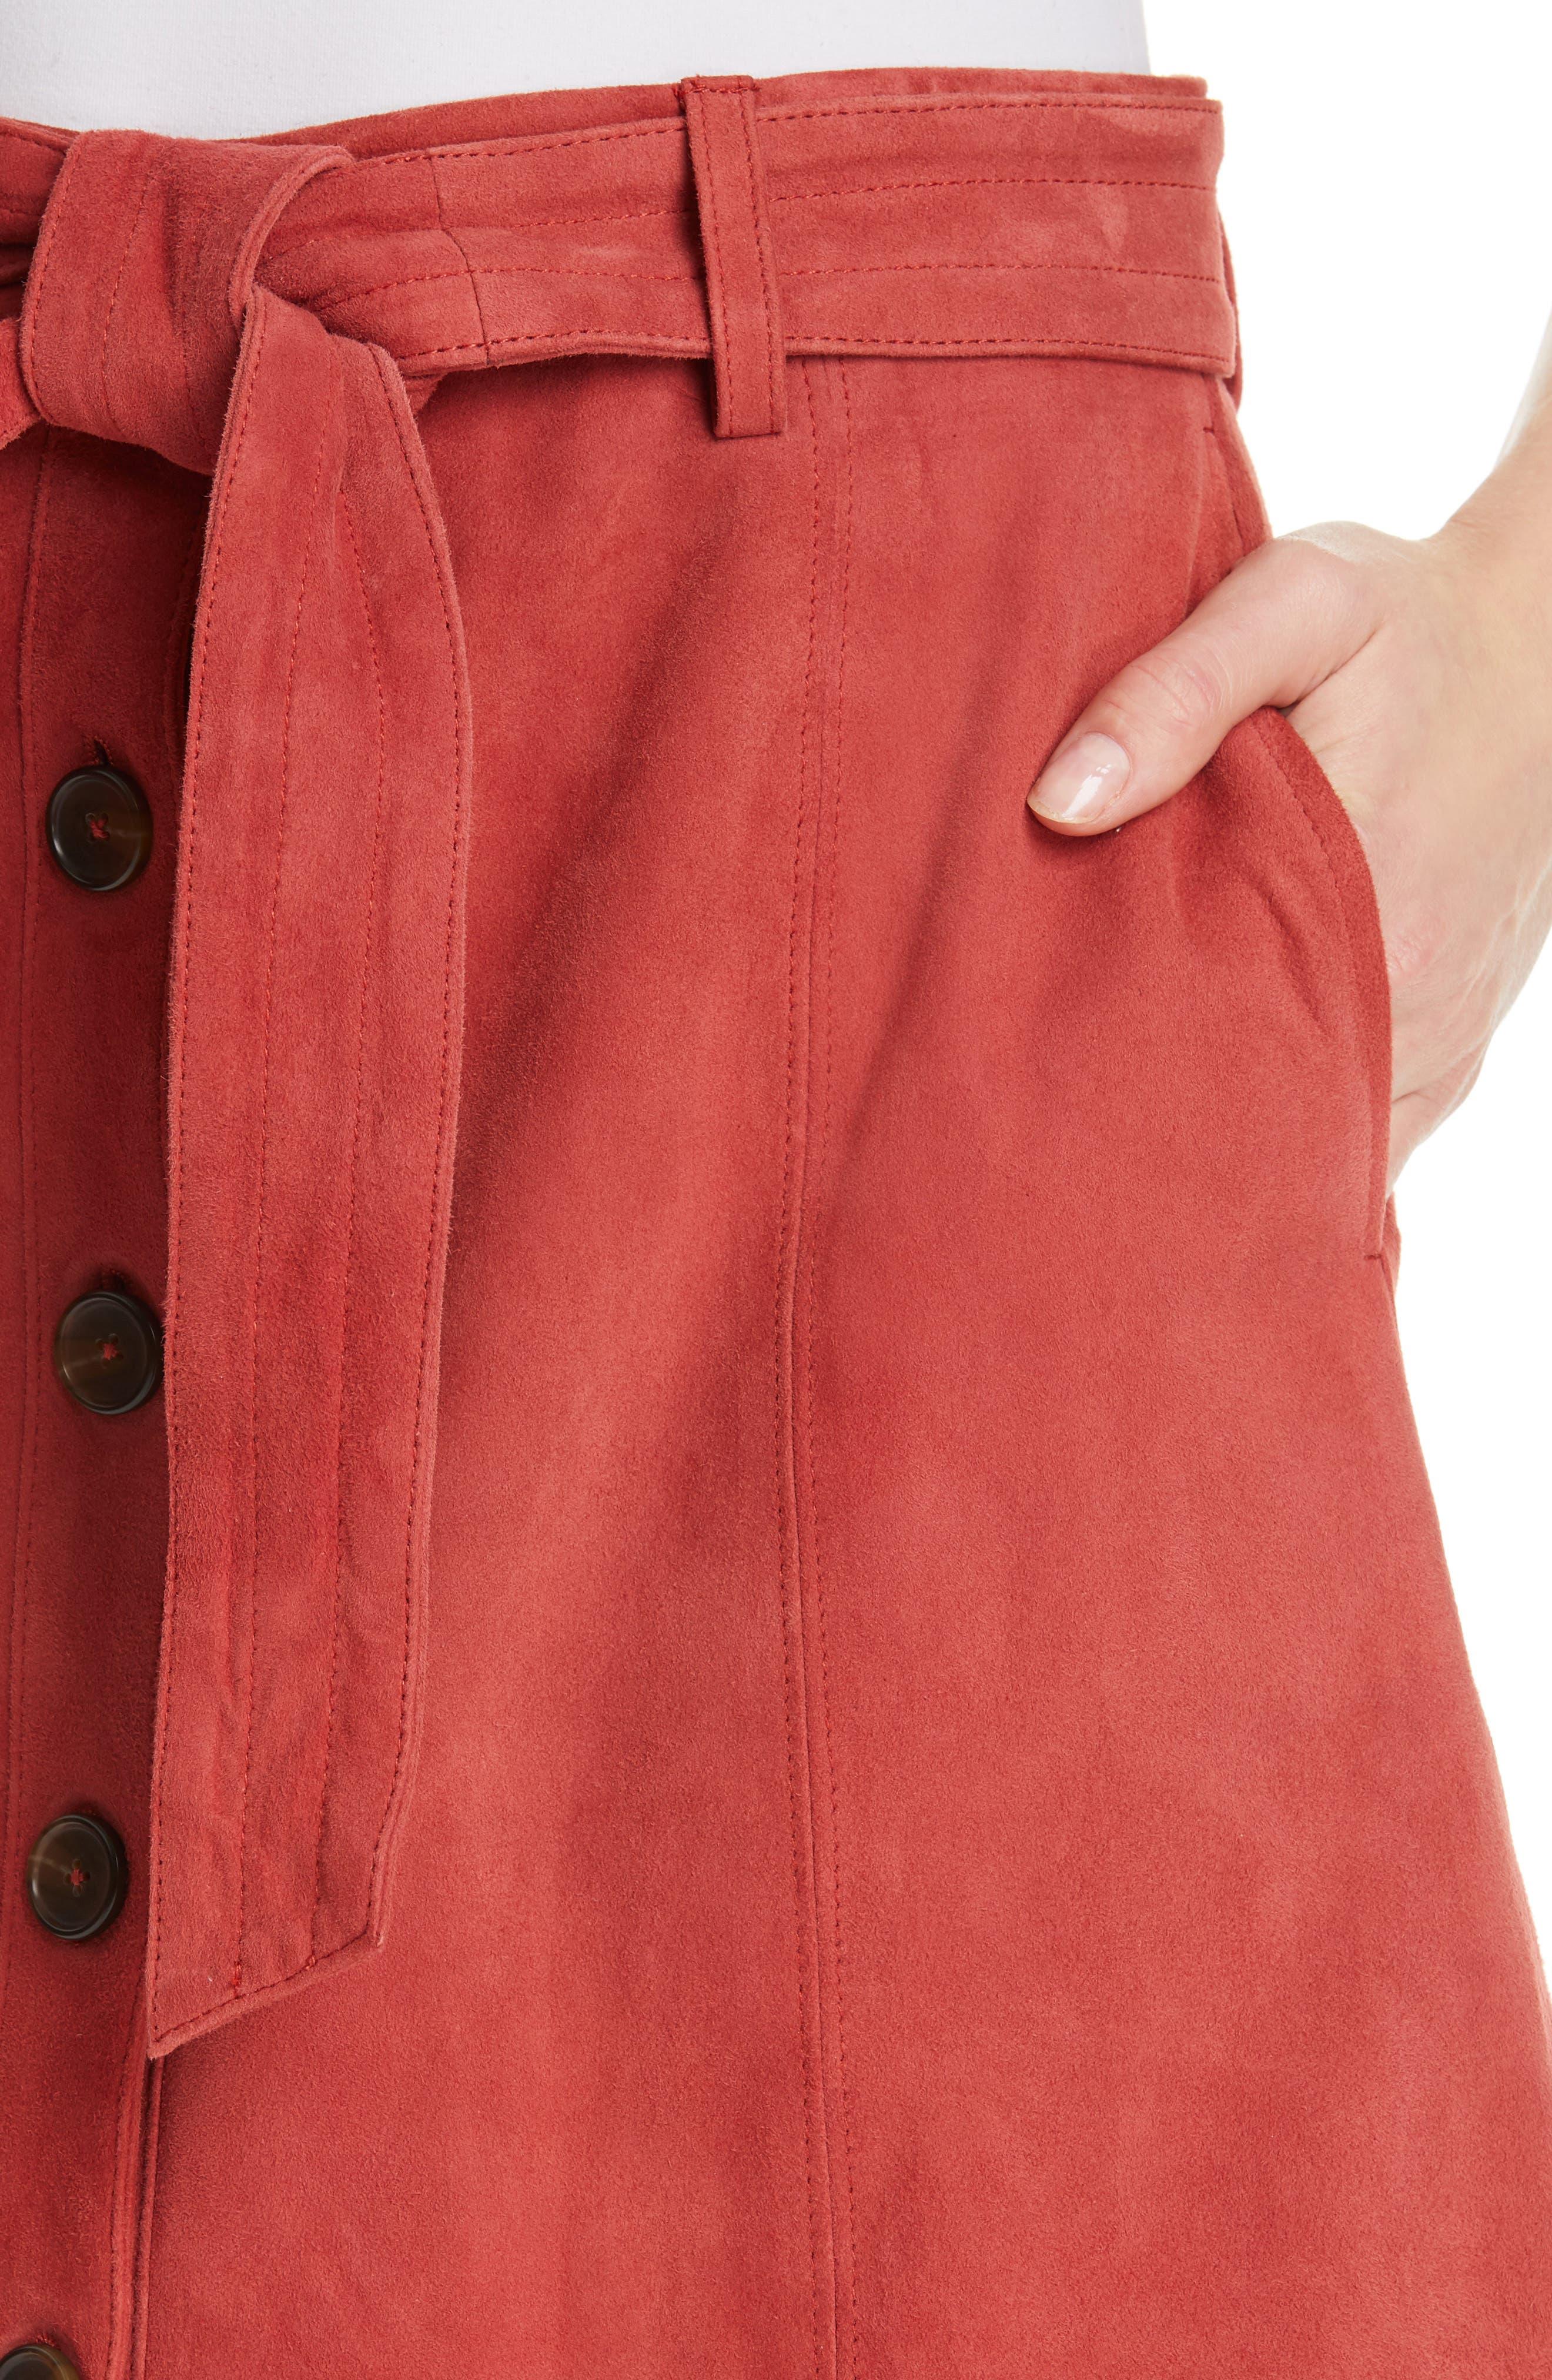 JOIE, Neida Suede Miniskirt, Alternate thumbnail 4, color, DESERT SPICE